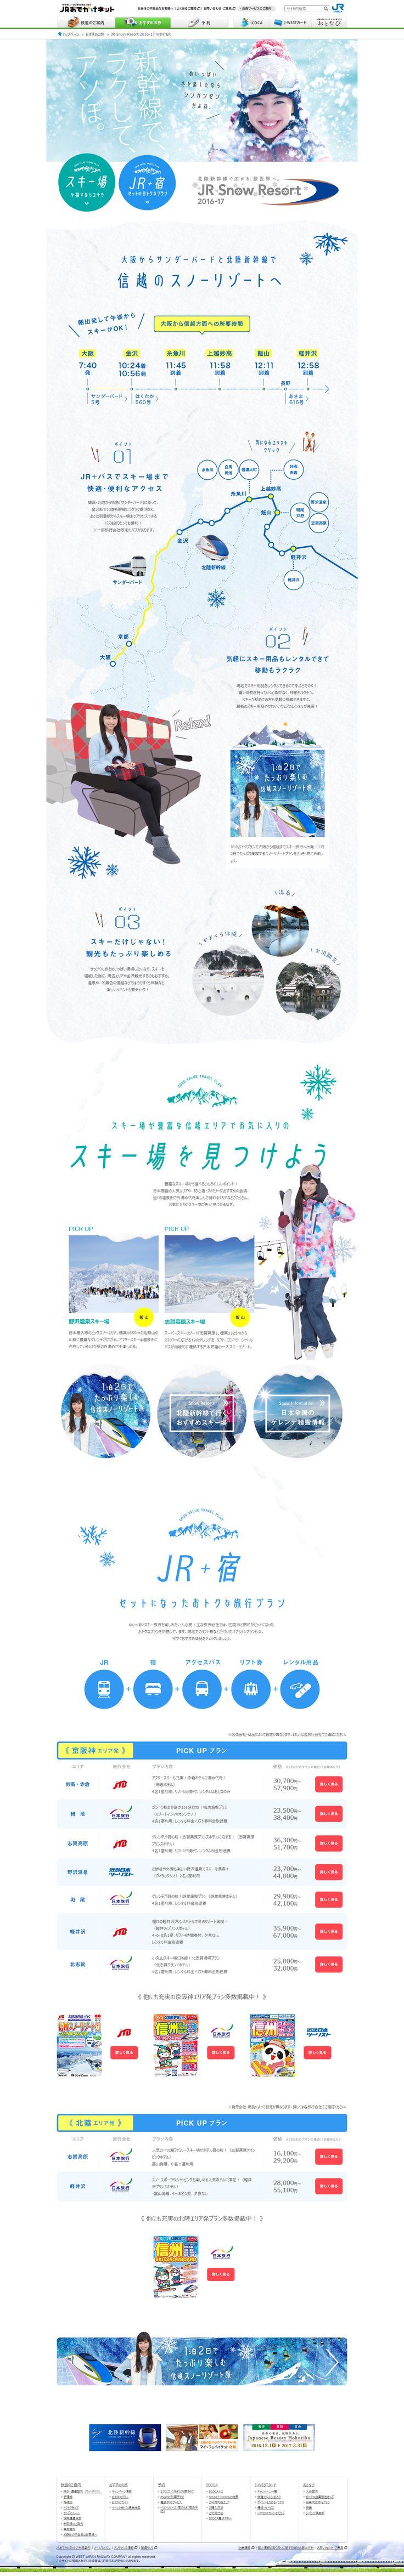 JRスノーリゾート2016-17 WINTER :JRおでかけネット